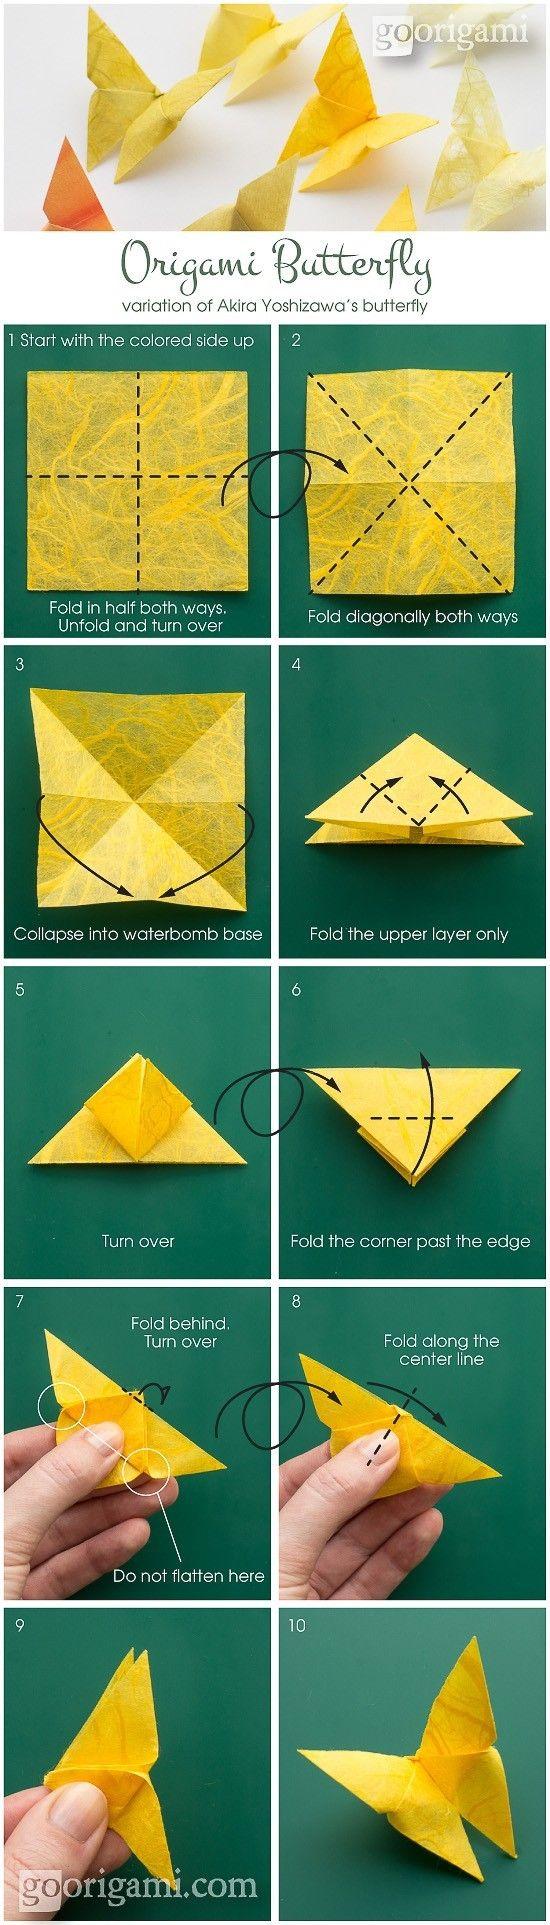 折り紙バタフライ の画像|わさびアイスクリーム